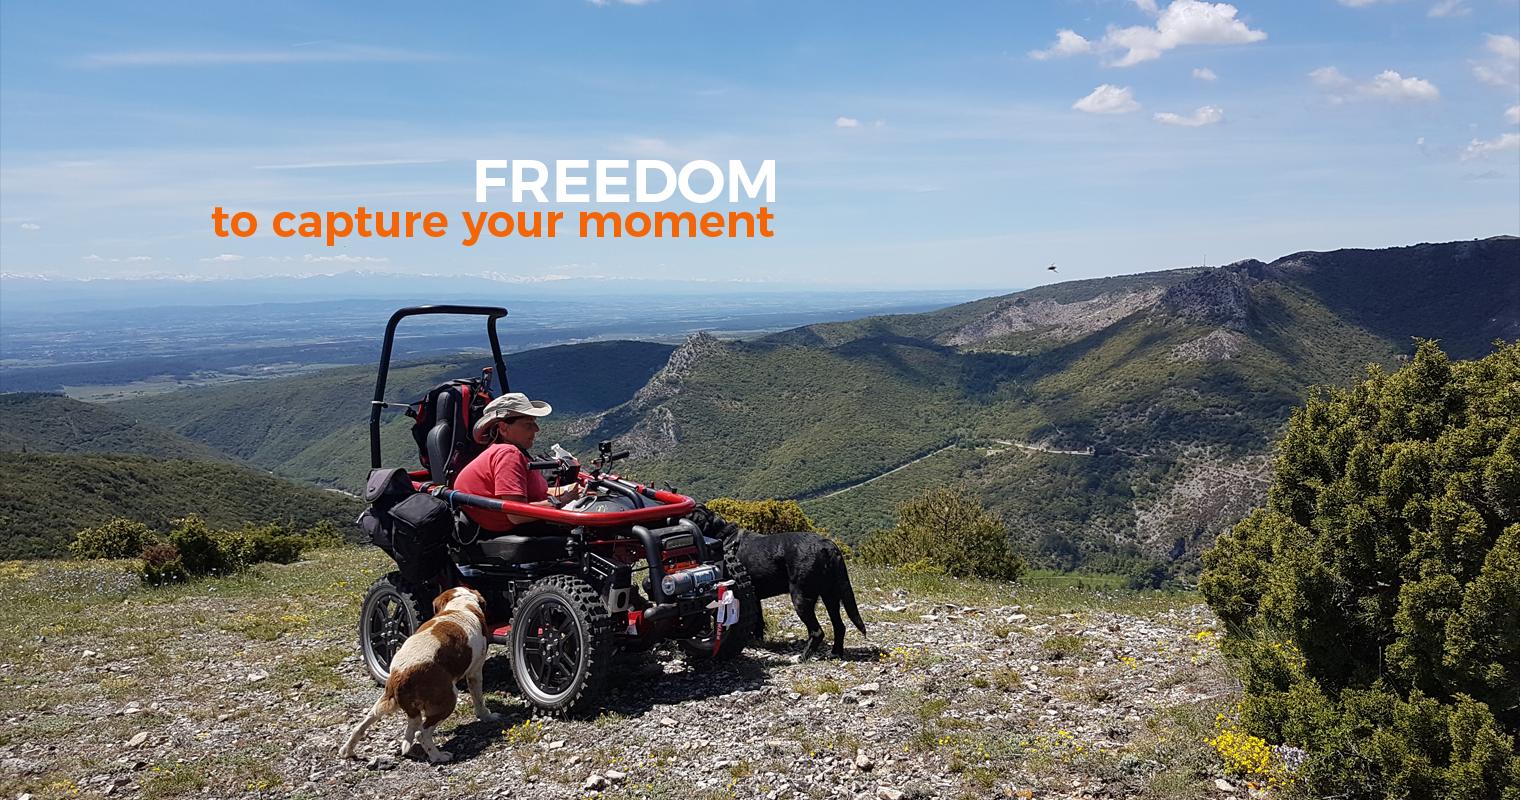 slide-7-terrainhopper-freedom-to-capture-moment